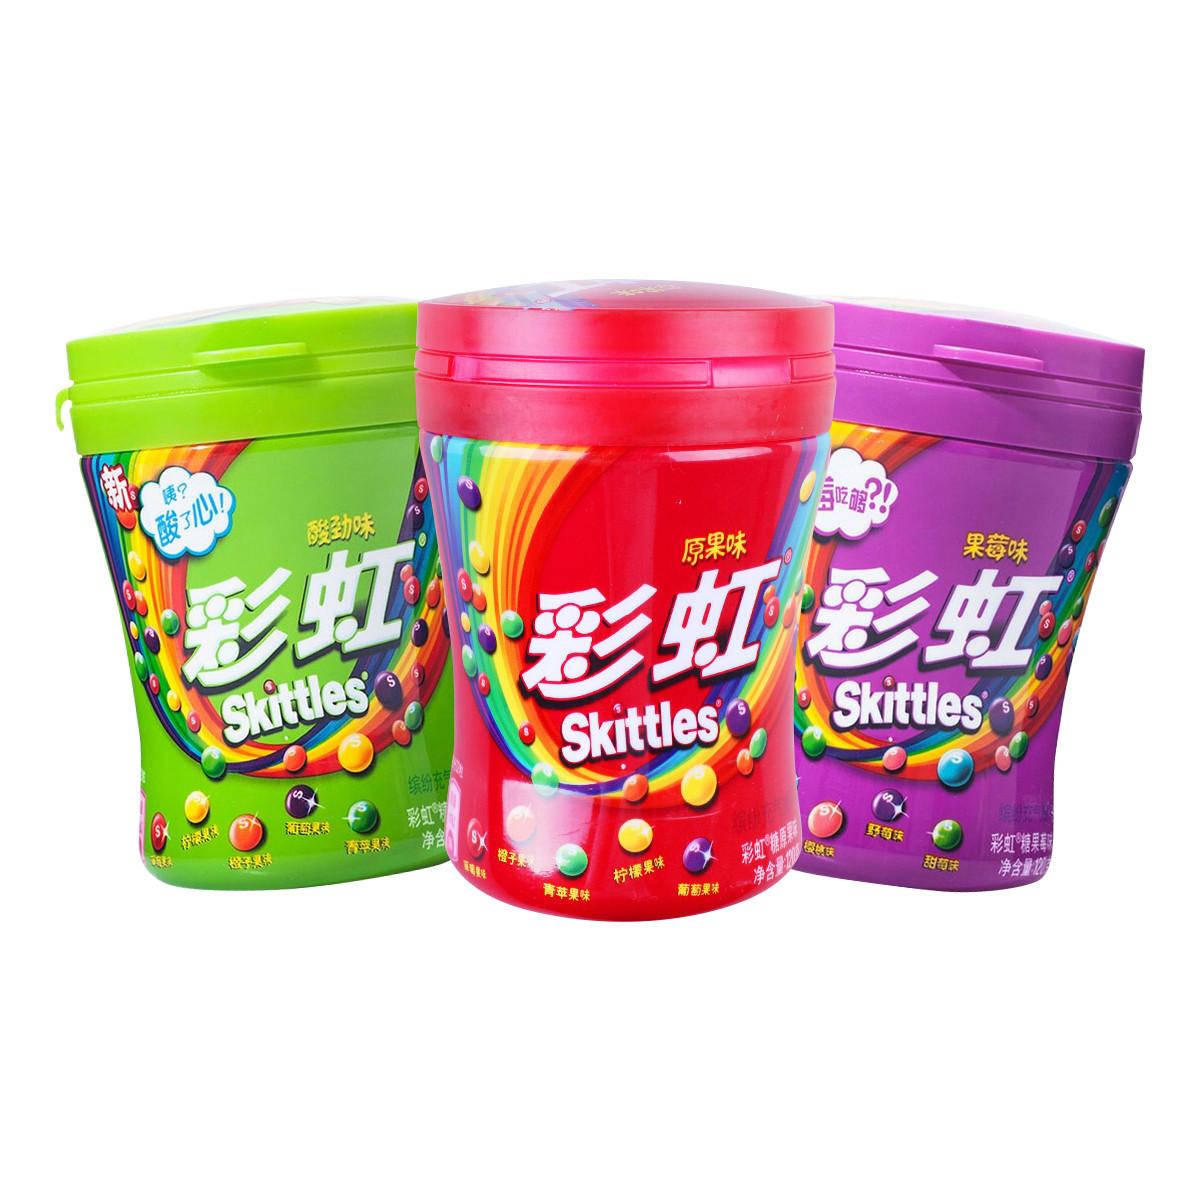 彩虹彩虹糖三种口味糖果3瓶共360g27330204